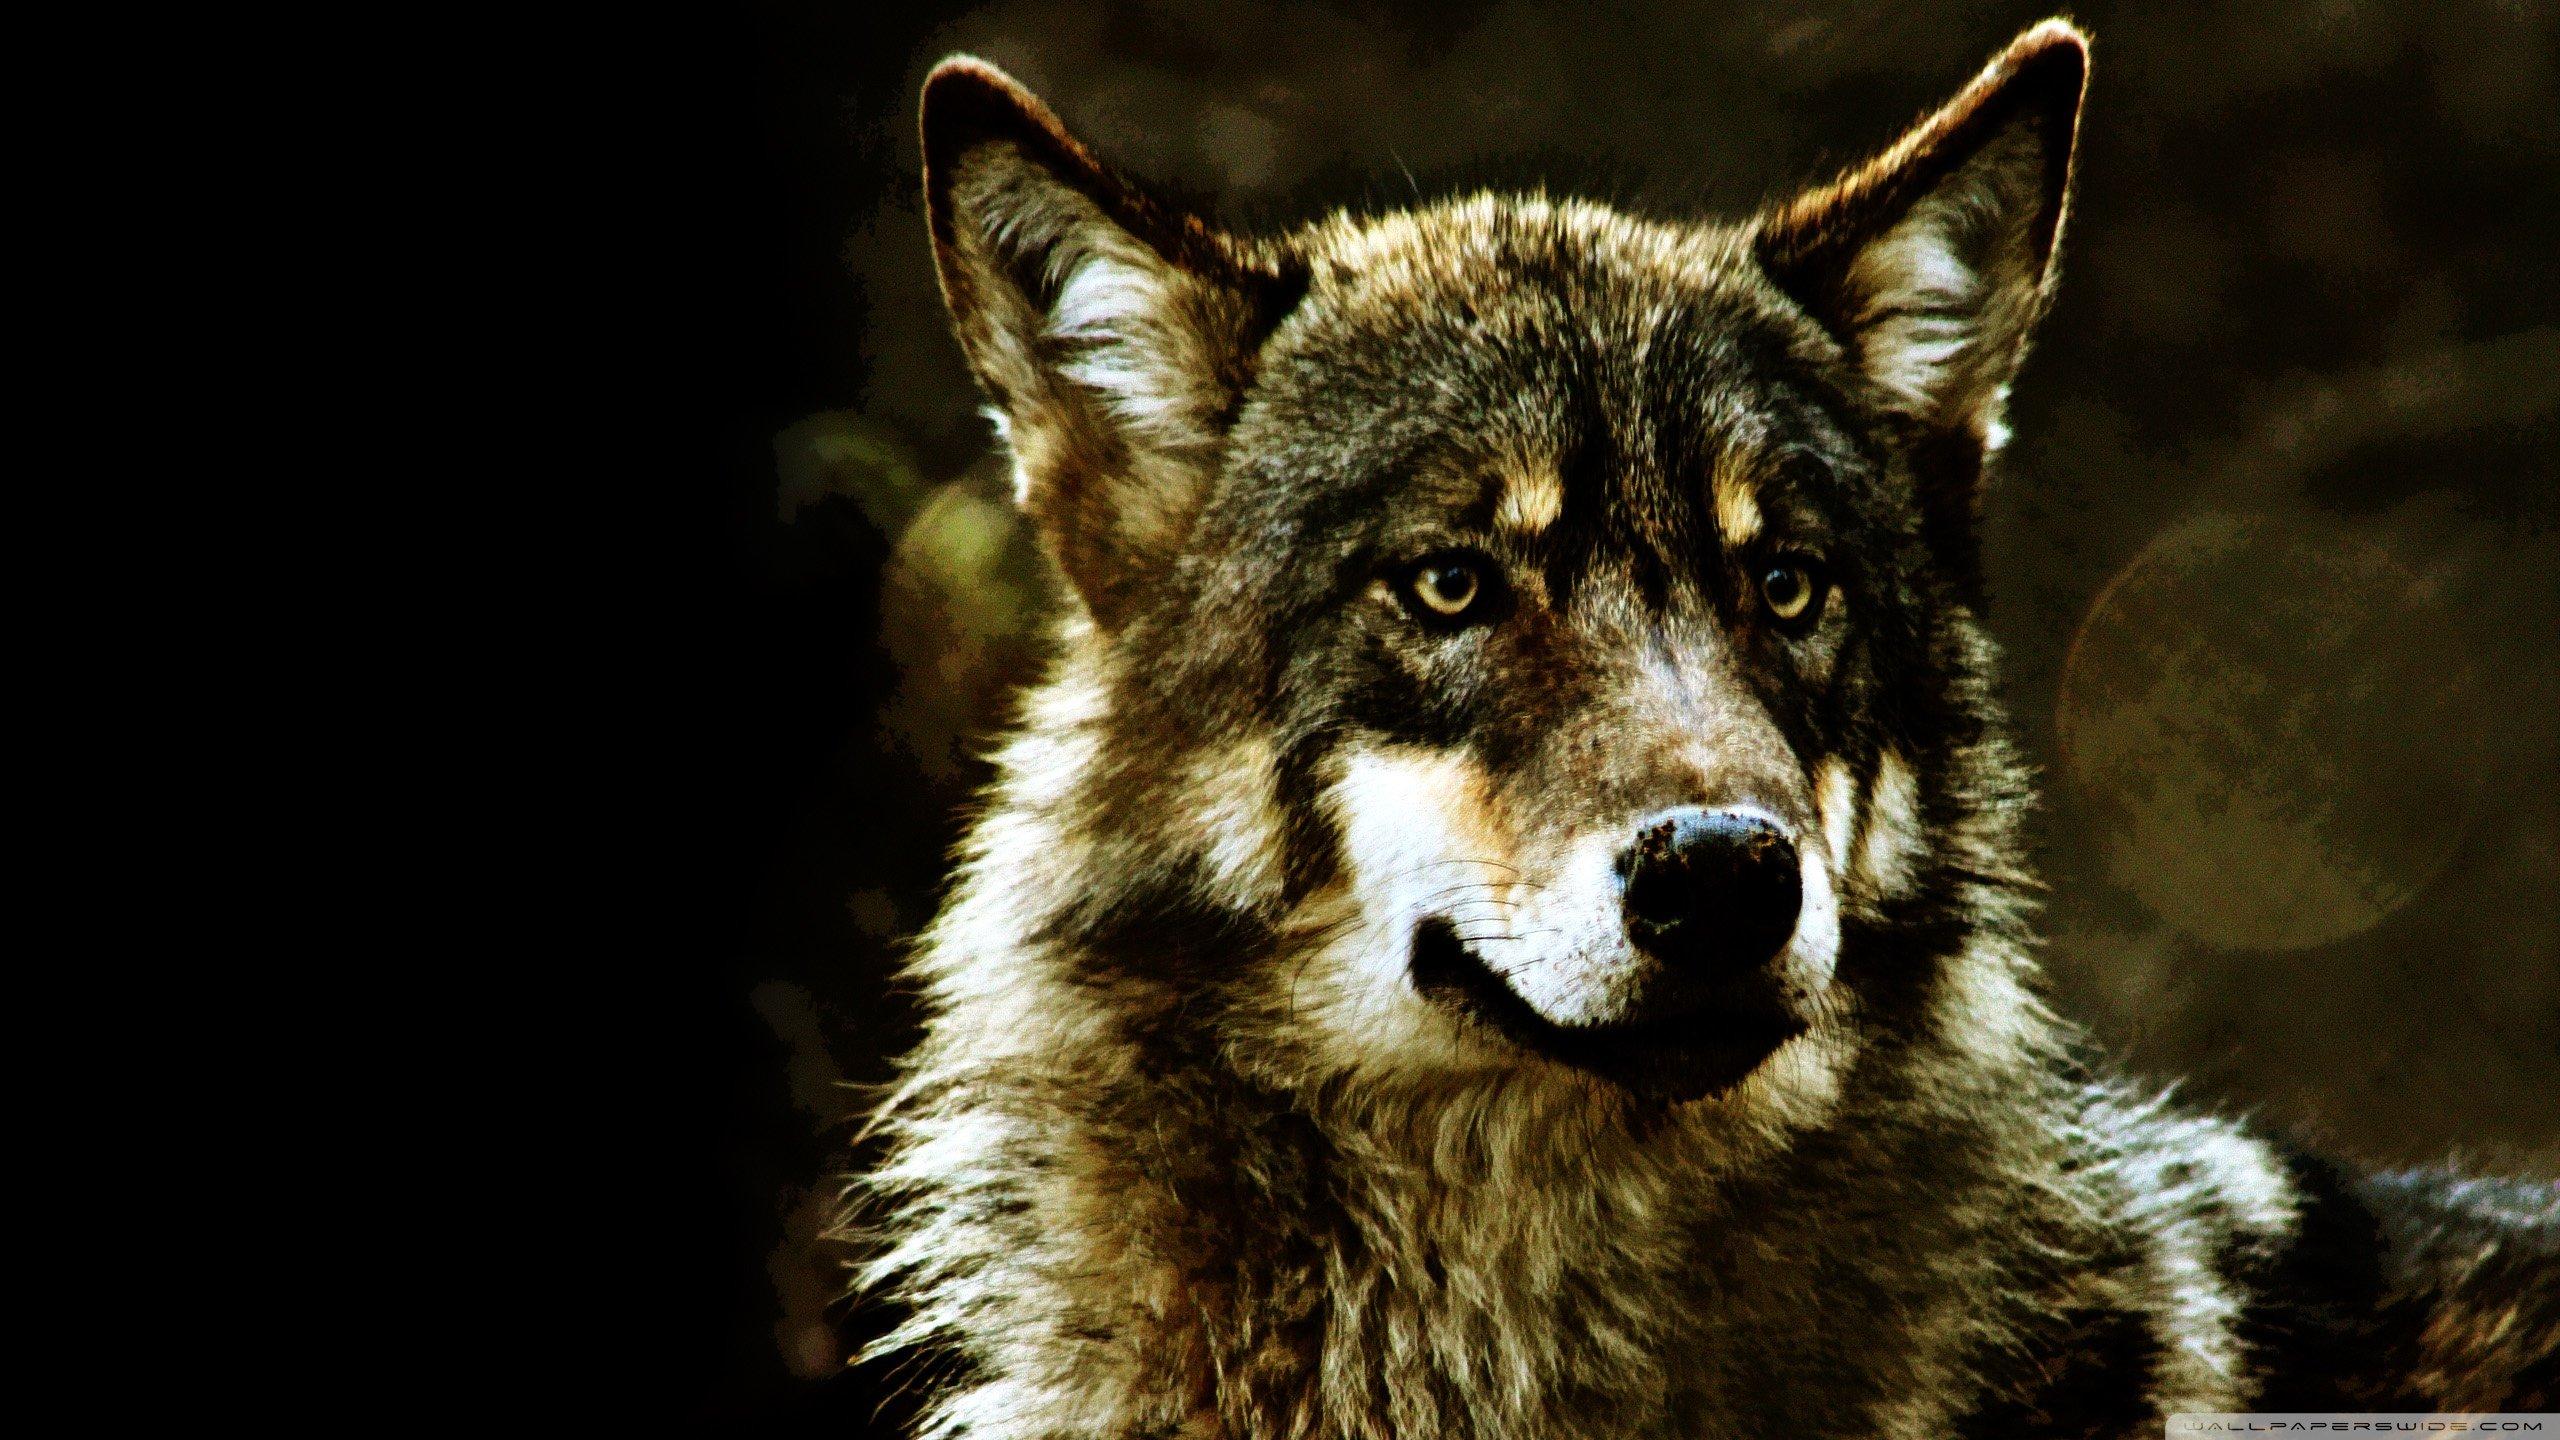 Wolf wallpaper ID:117902 hd 2560x1440